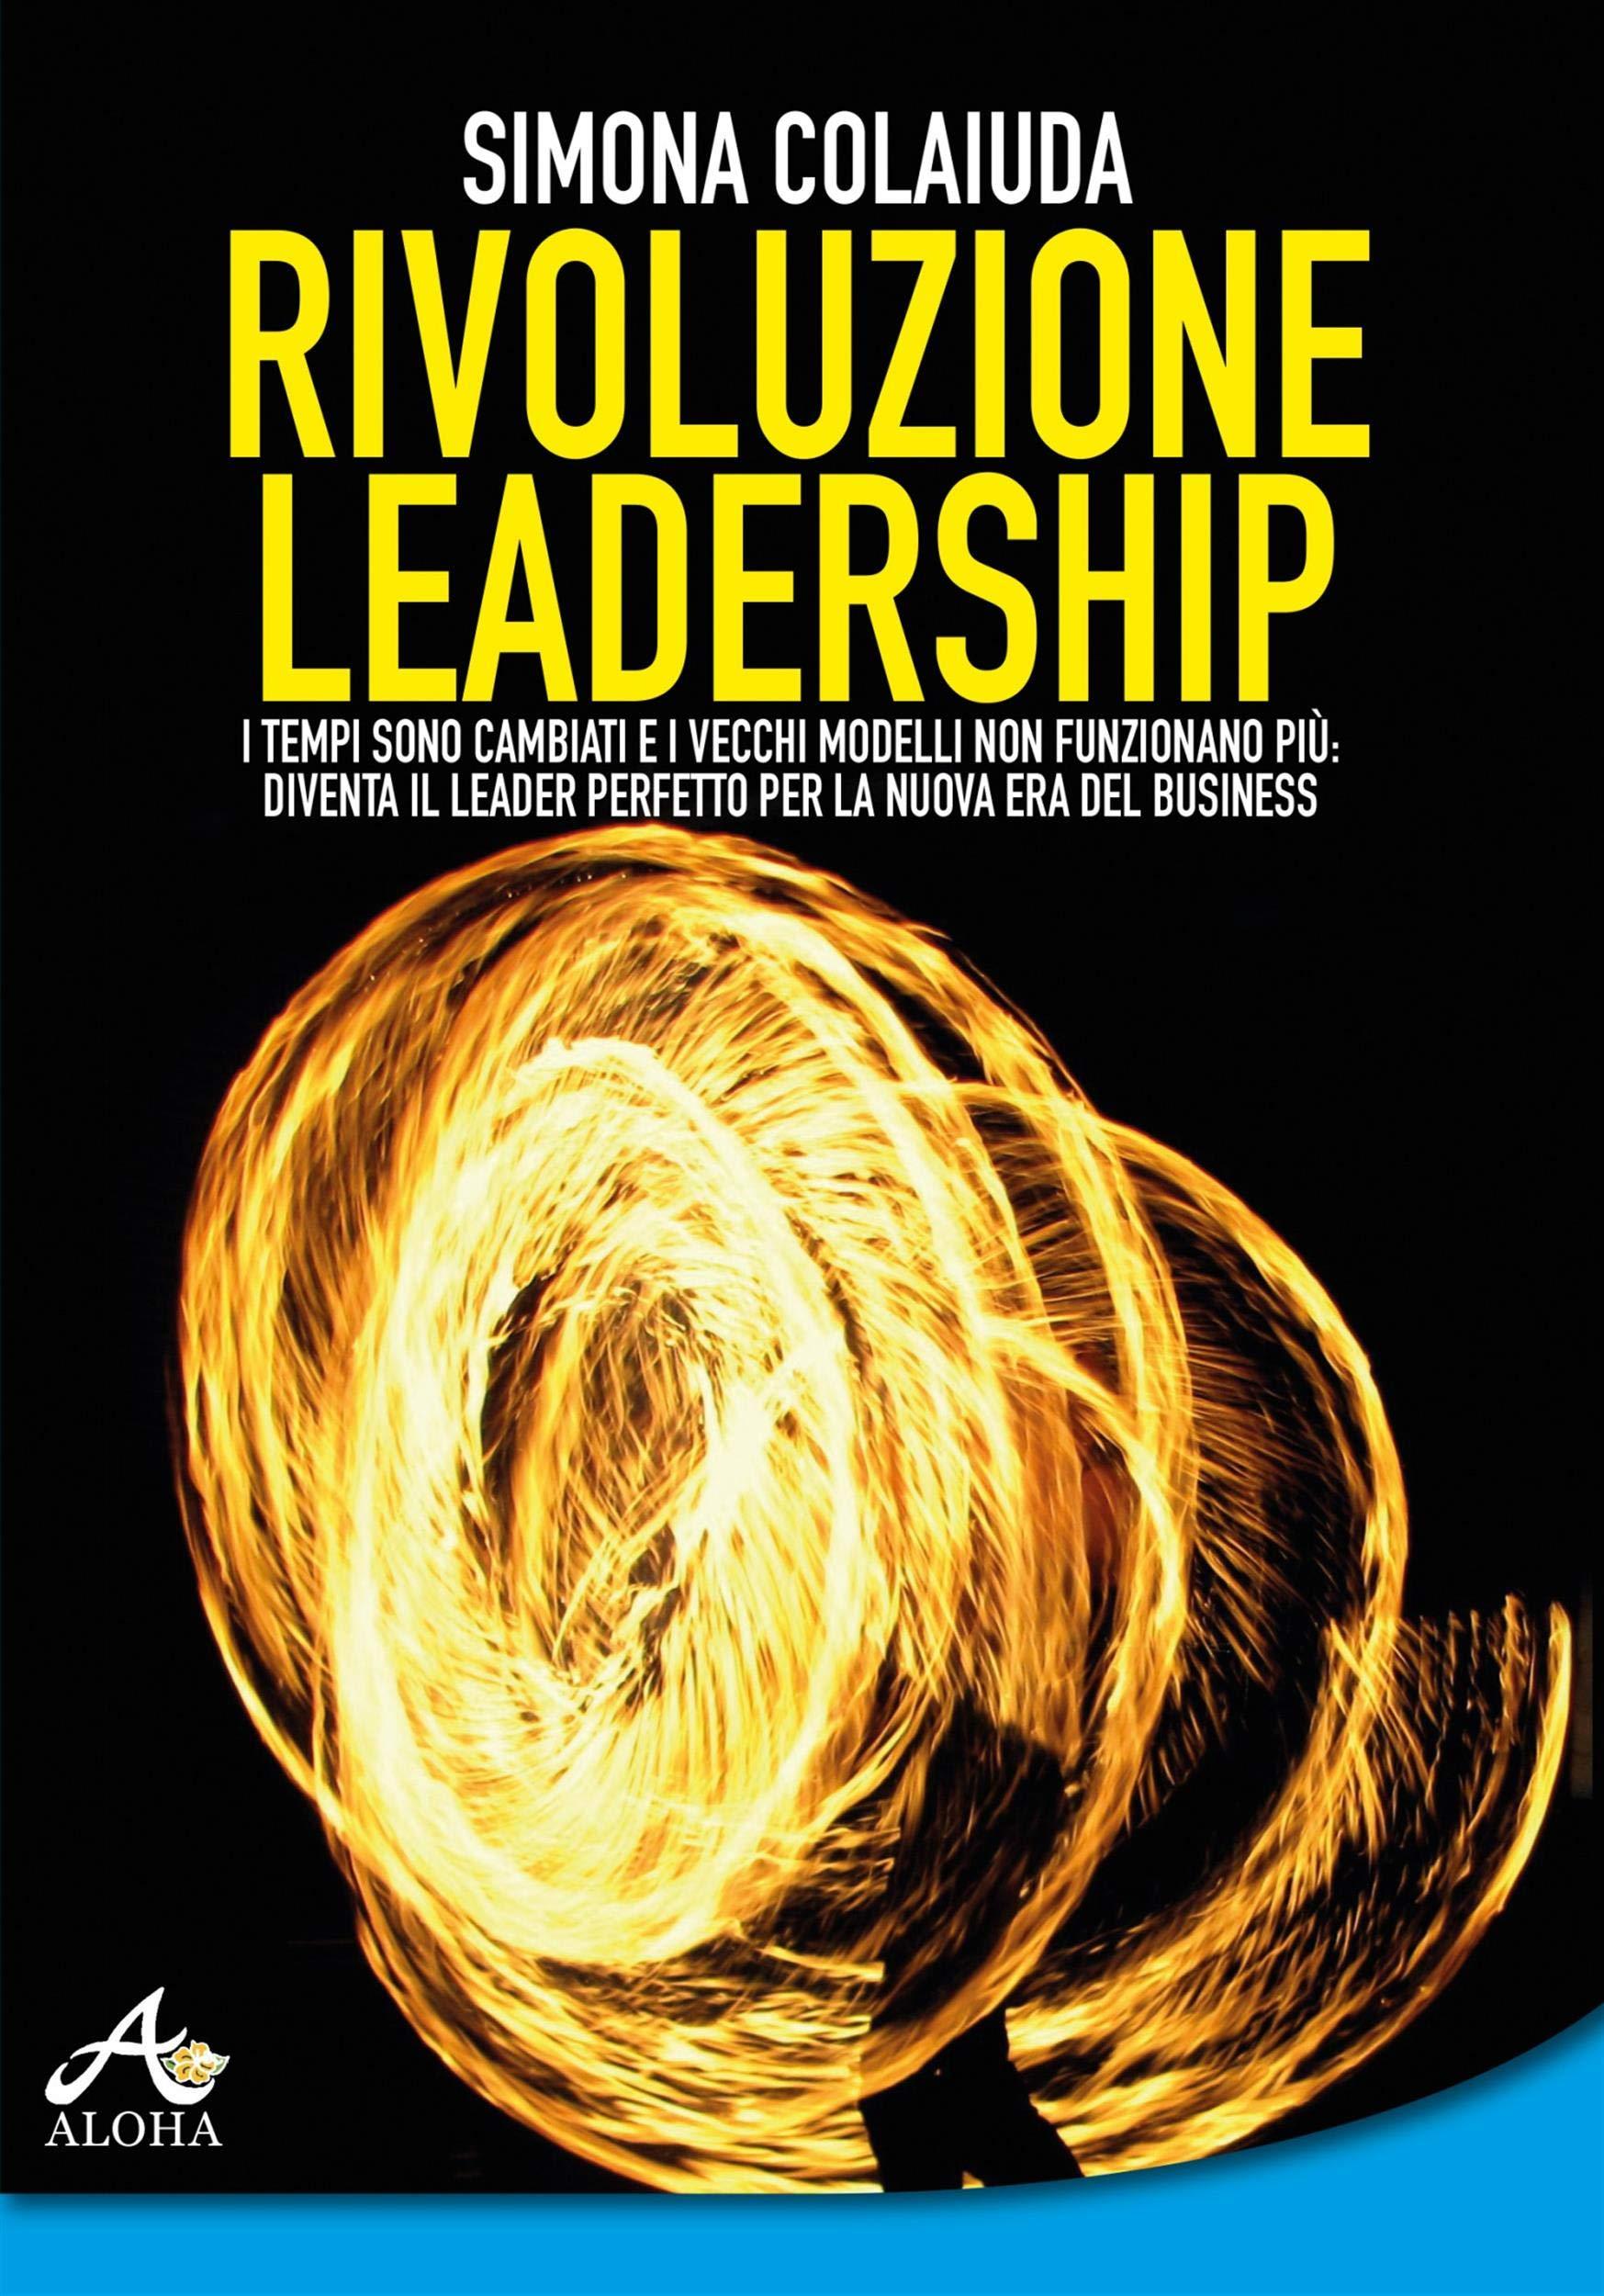 Rivoluzione leadership: I tempi sono cambiati e i vecchi modelli non funzionano più: diventa il leader perfetto per la nuova era del business (Italian Edition)